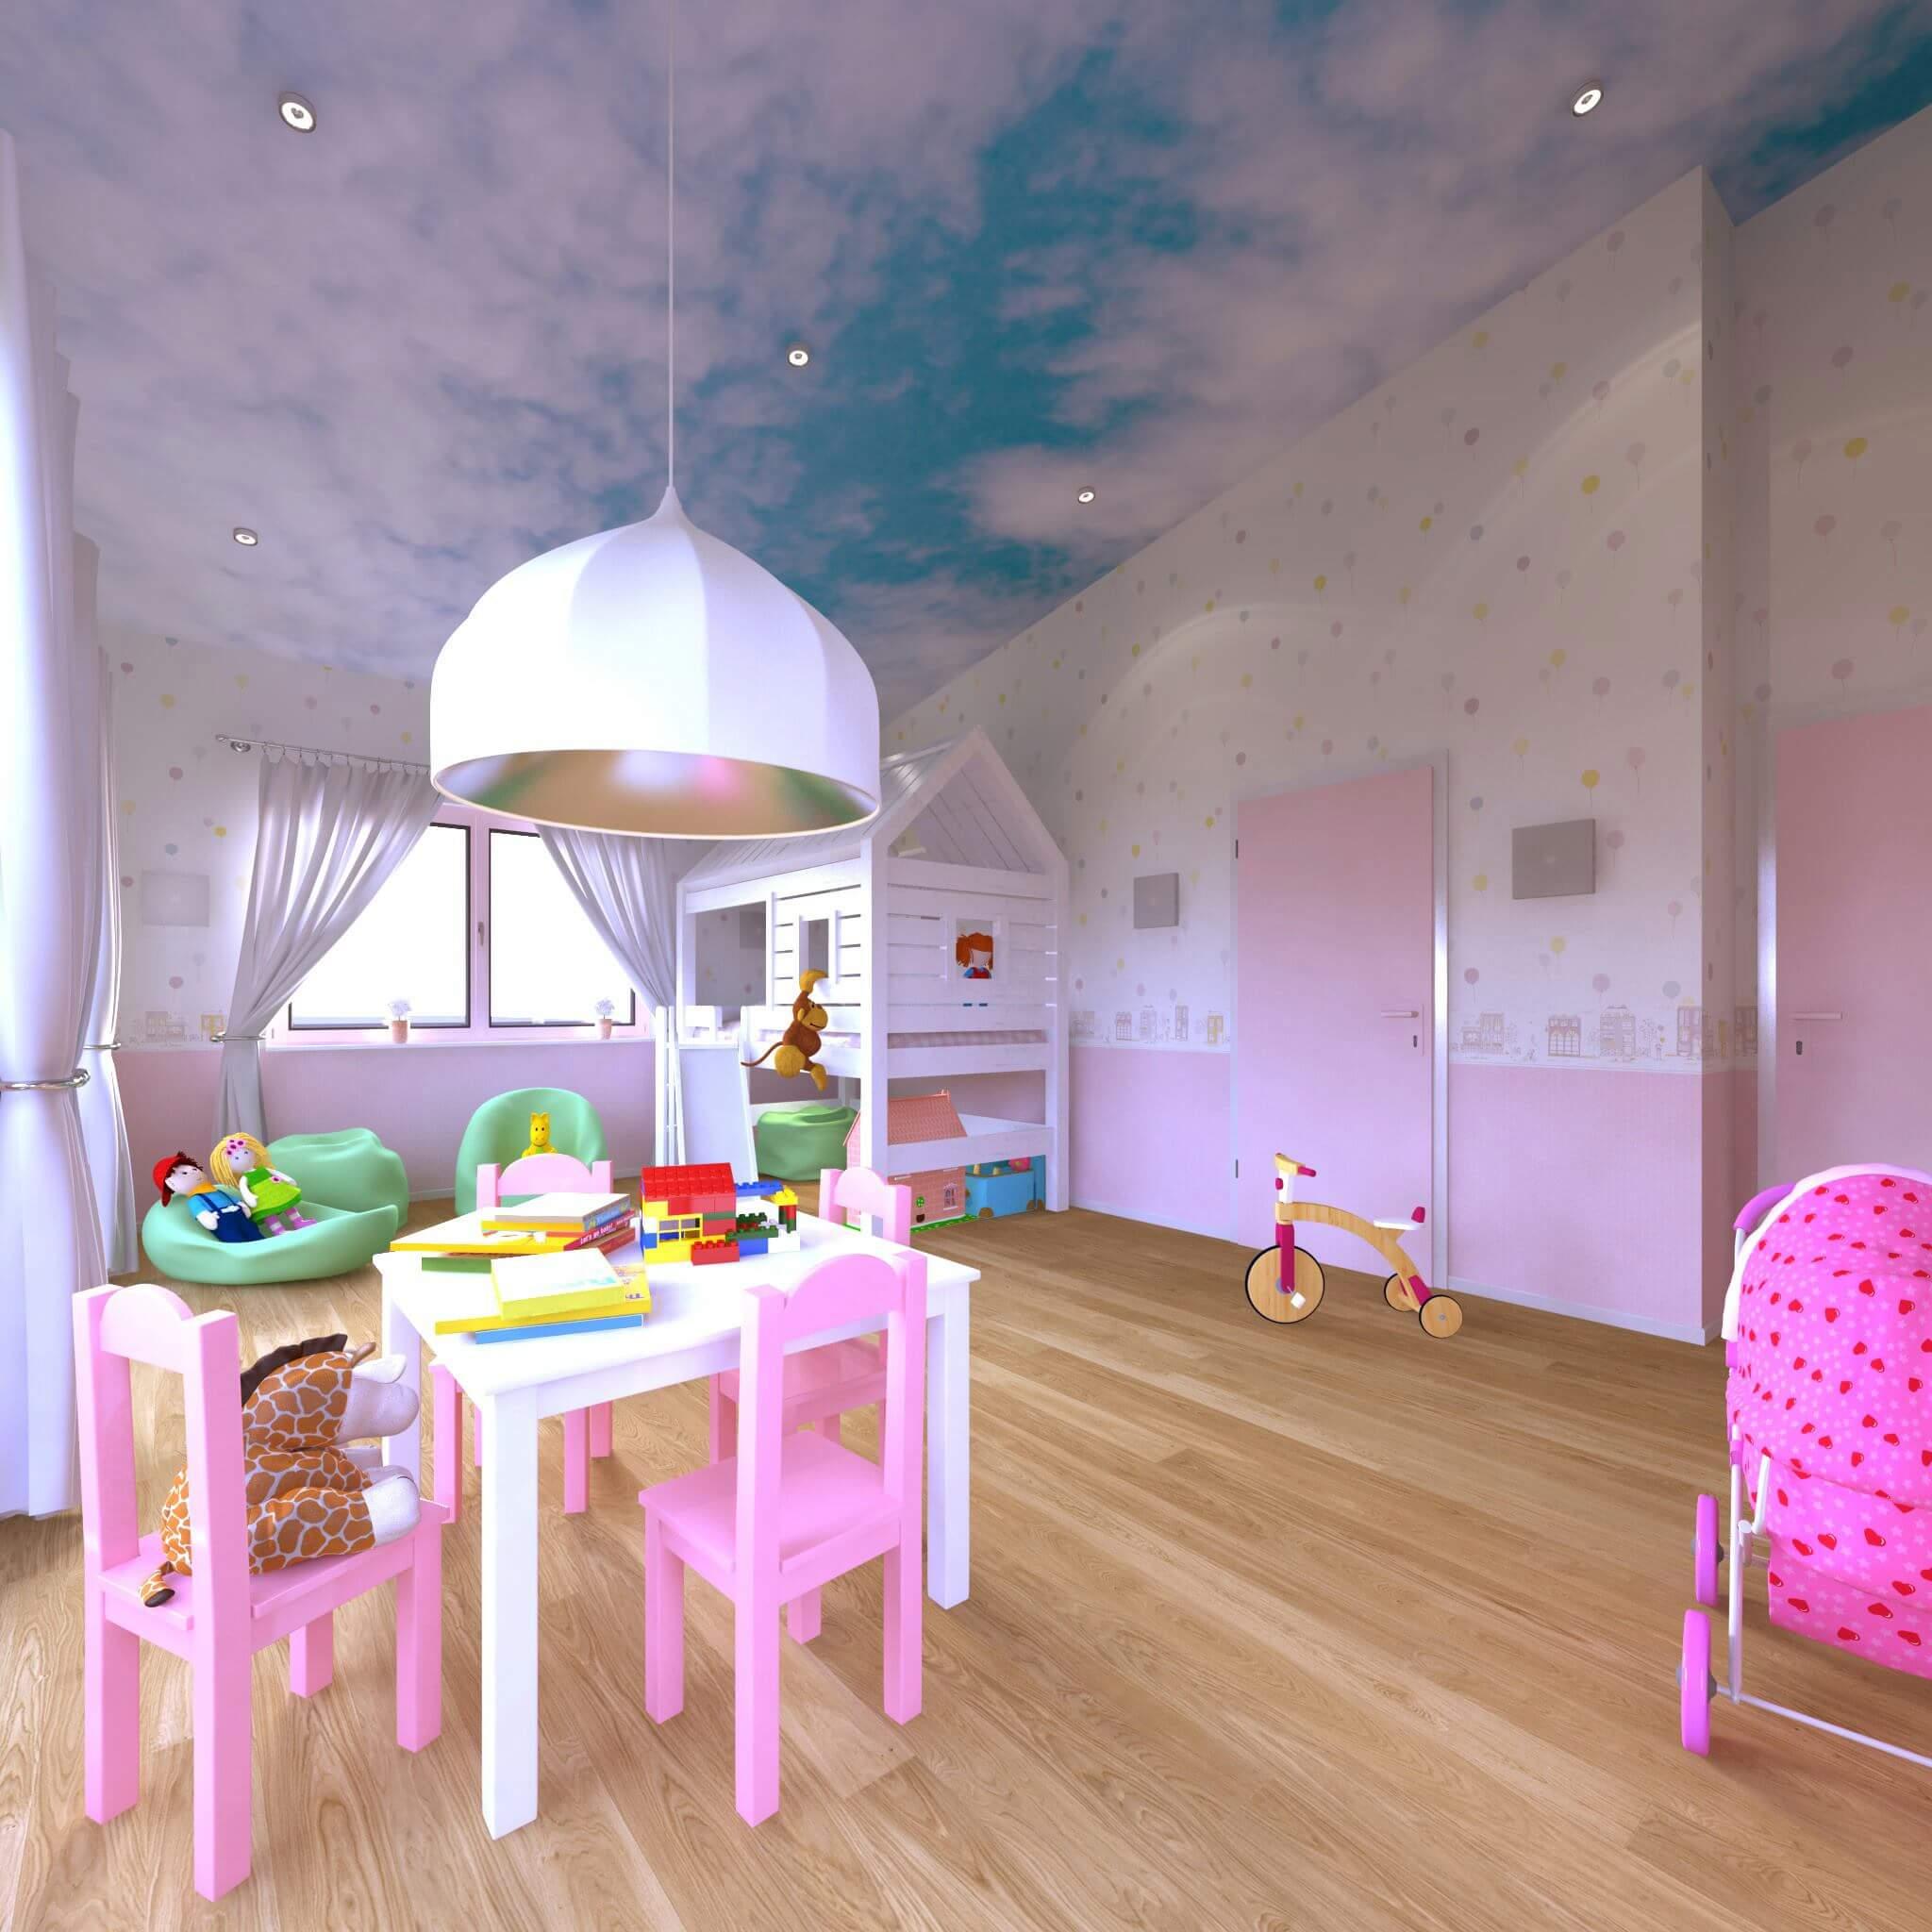 """Kinderzimmer """"Stimmungsvoll Wohnen"""" ist das Credo des Wohnungsplaner, der vom Magazin SCHÖNER WOHNEN zu den einflussreichsten Designern ernannt wurde. Seine Vorstellung von Innenarchitektur hat sich in den letzten Jahren noch direkter zur Emotionalität bekannt und diese vor allem durch den professionellen Entwurf des Lichtdesign herausragend umgesetzt. Designbäder, die Ihr Bad exklusiv mit einer Design Badewanne in ein Home Spa verwandeln, profitieren dabei von der Beleuchtung indirekt mittels einer Voute, genauso wie das elegante Herrenzimmer, die professionelle Studierzimmer Einrichtung oder das verspielte Kinderzimmer."""